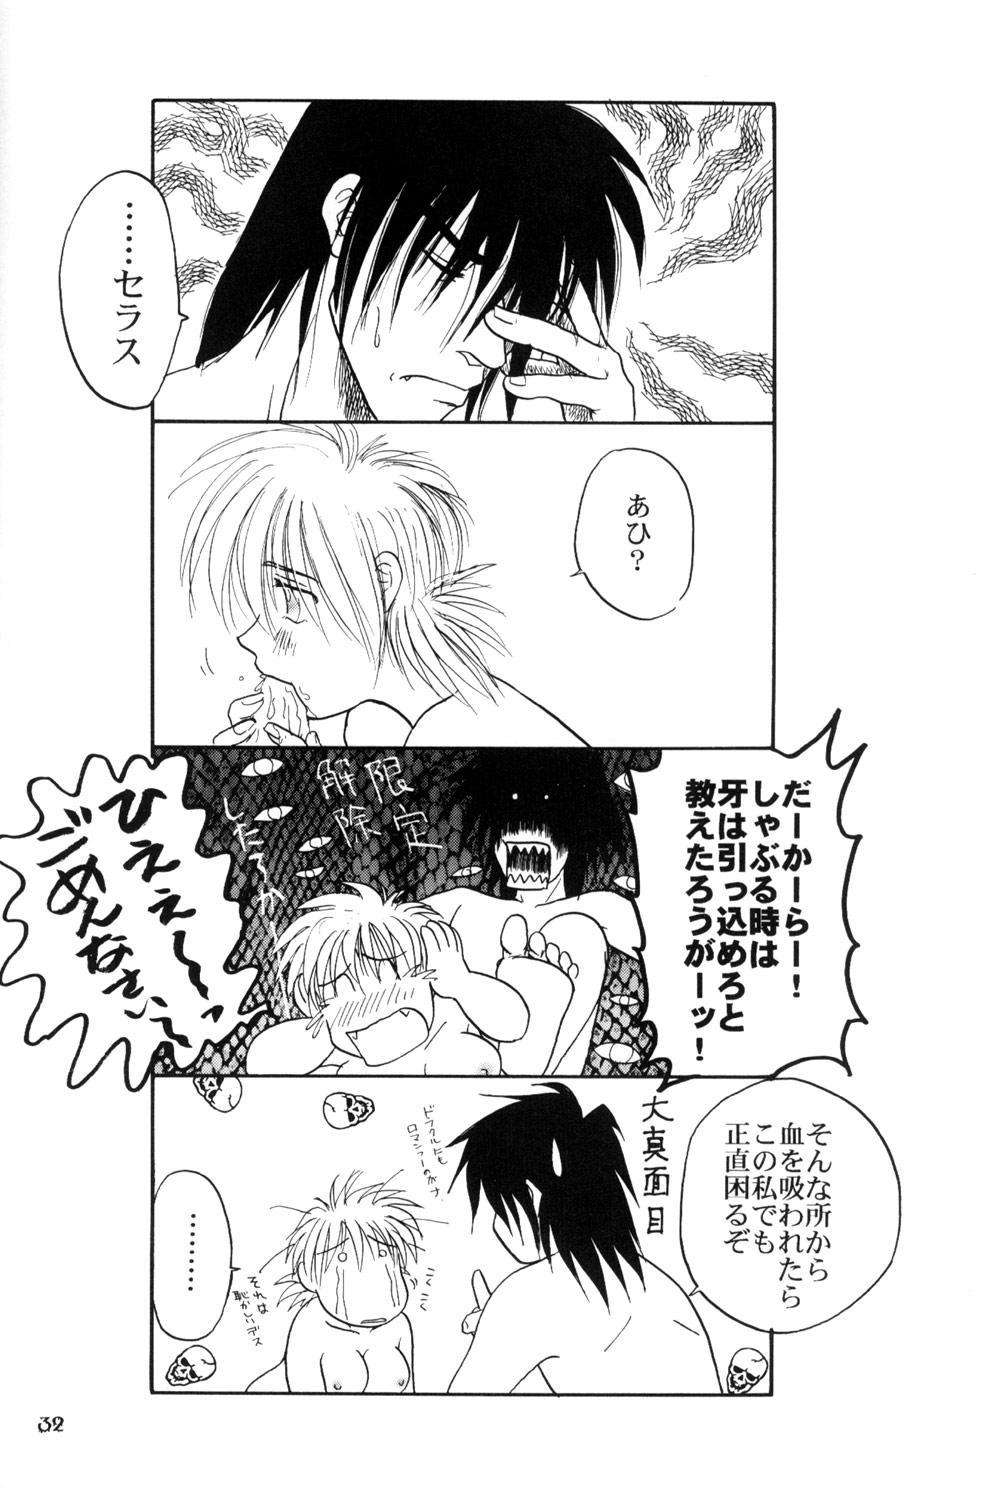 Hitsugi o Tataku Onna 33